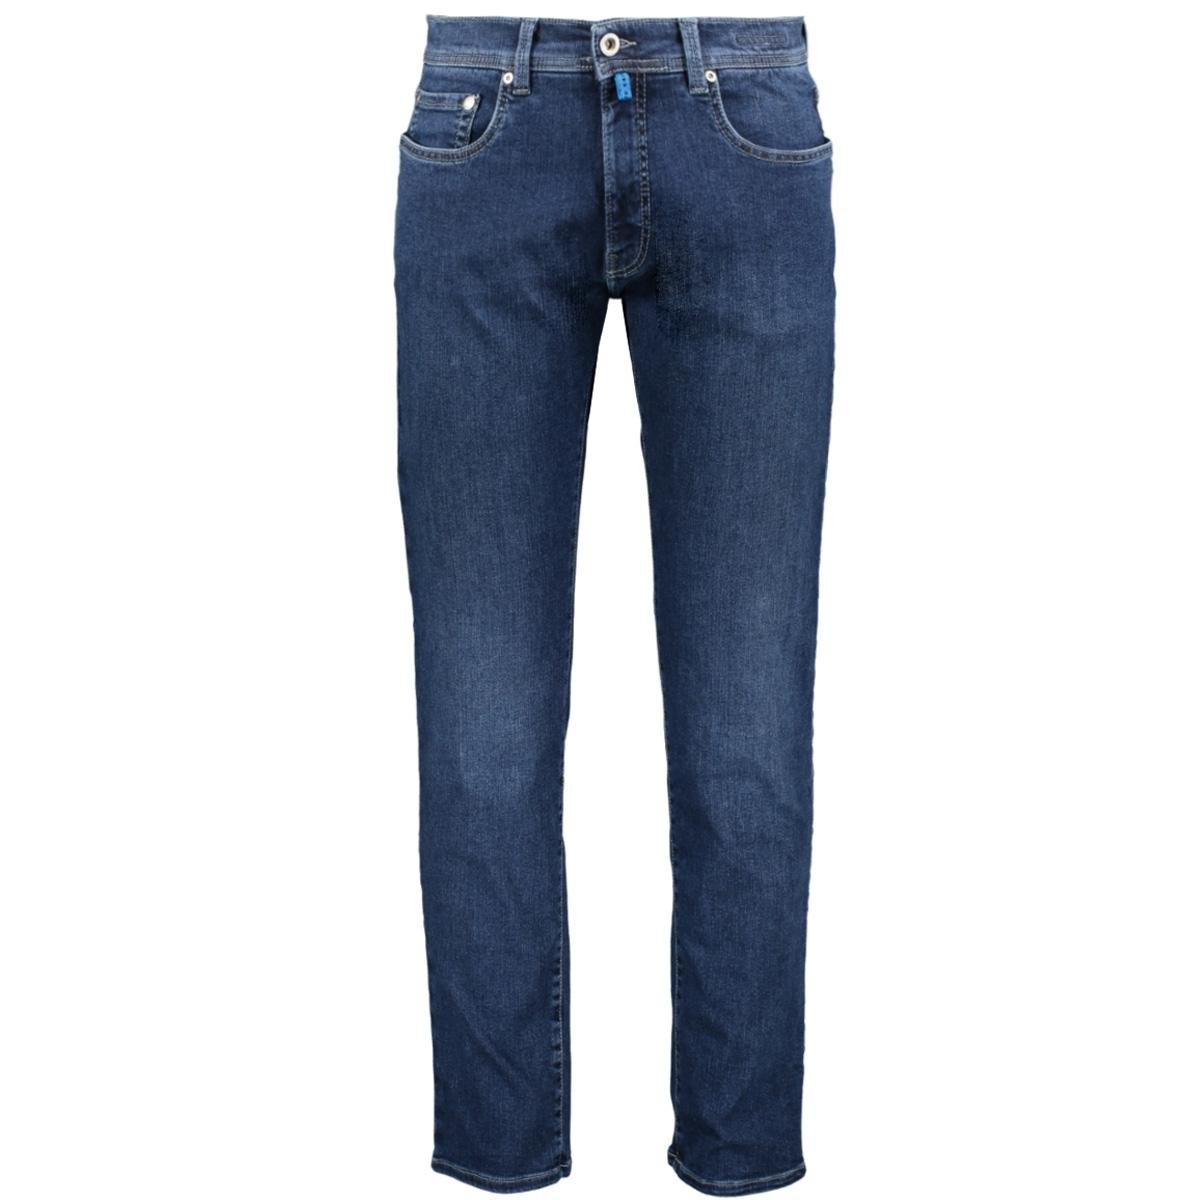 lyon 3451 8880 pierre cardin jeans 56